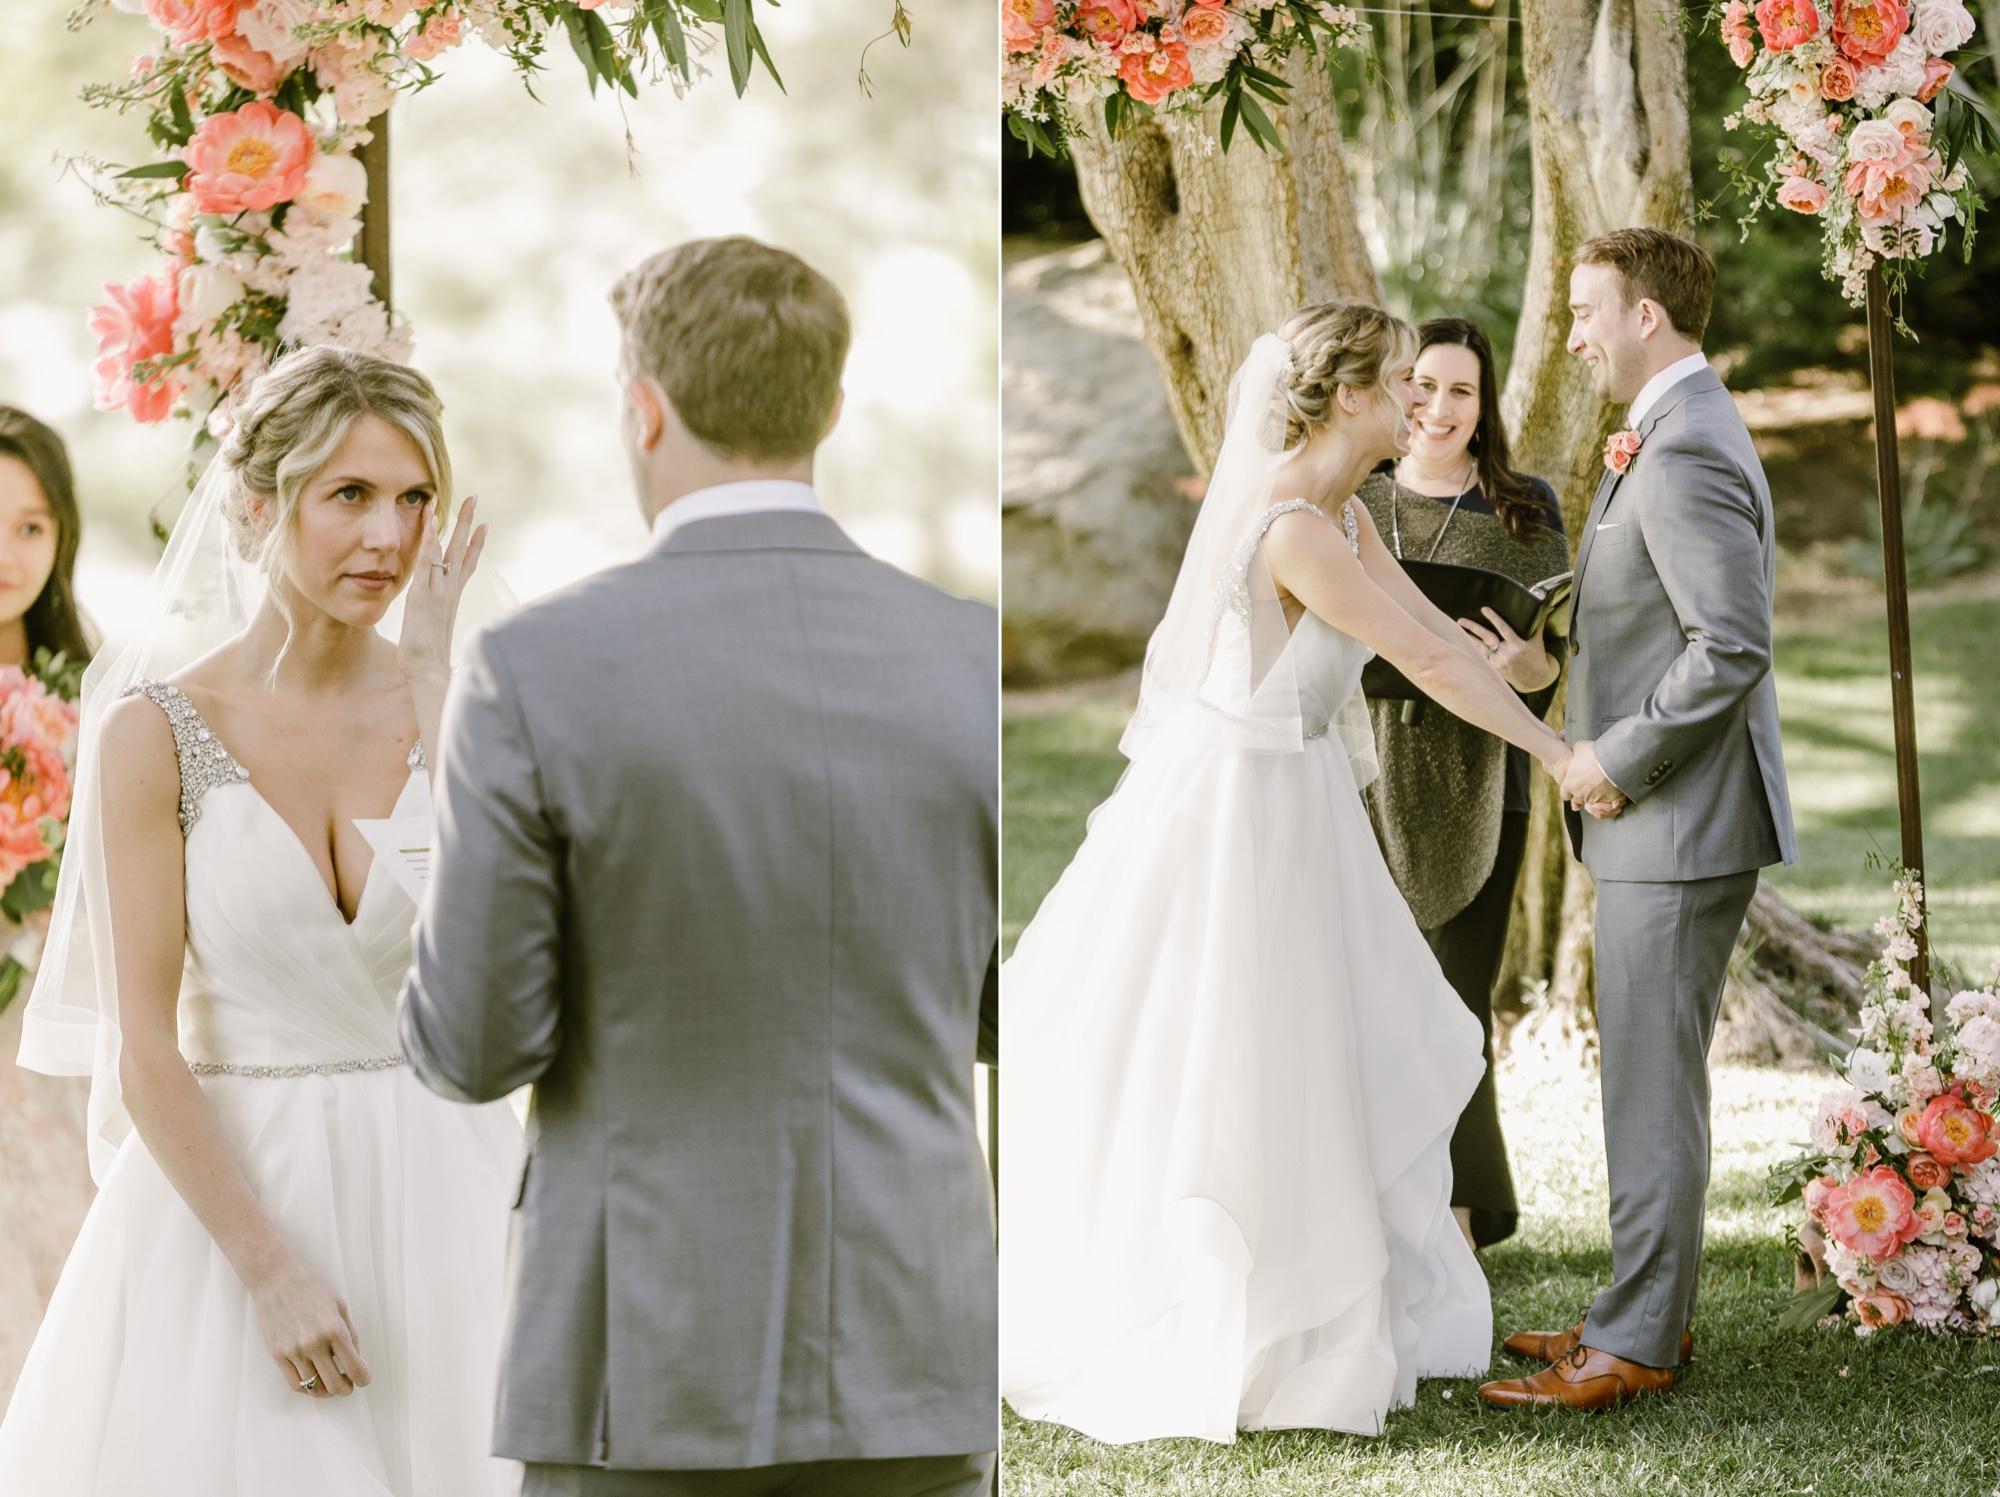 055_Amanda and Matt Wedding-734_Amanda and Matt Wedding-741.jpg